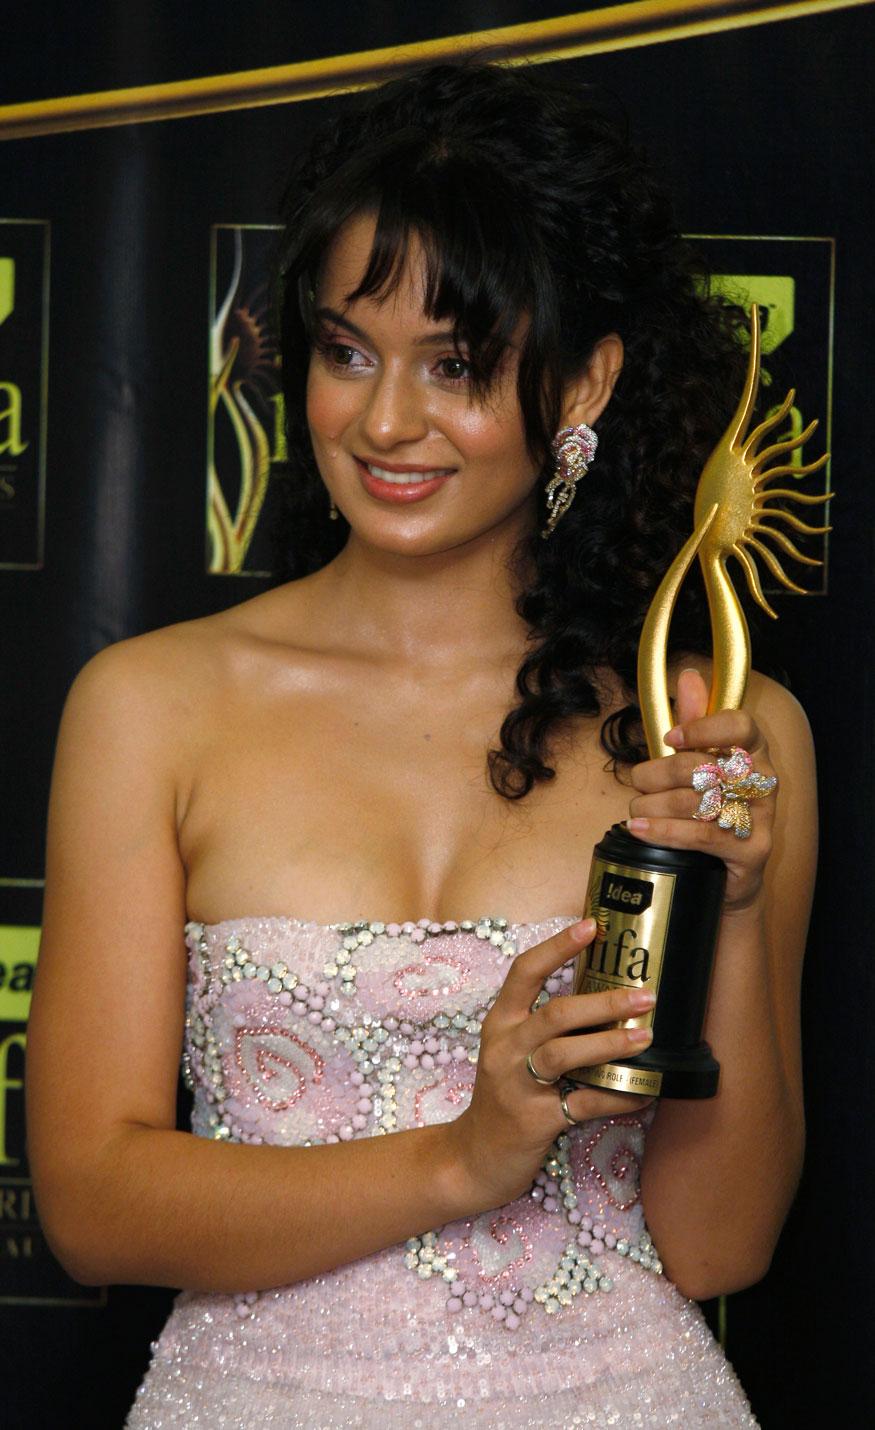 मकाऊला झालेल्या आयफा सोहळ्यात कंगनाला सहाय्यक अभिनेत्रीचं अॅवाॅर्ड मिळालं. (Image: Reuters)